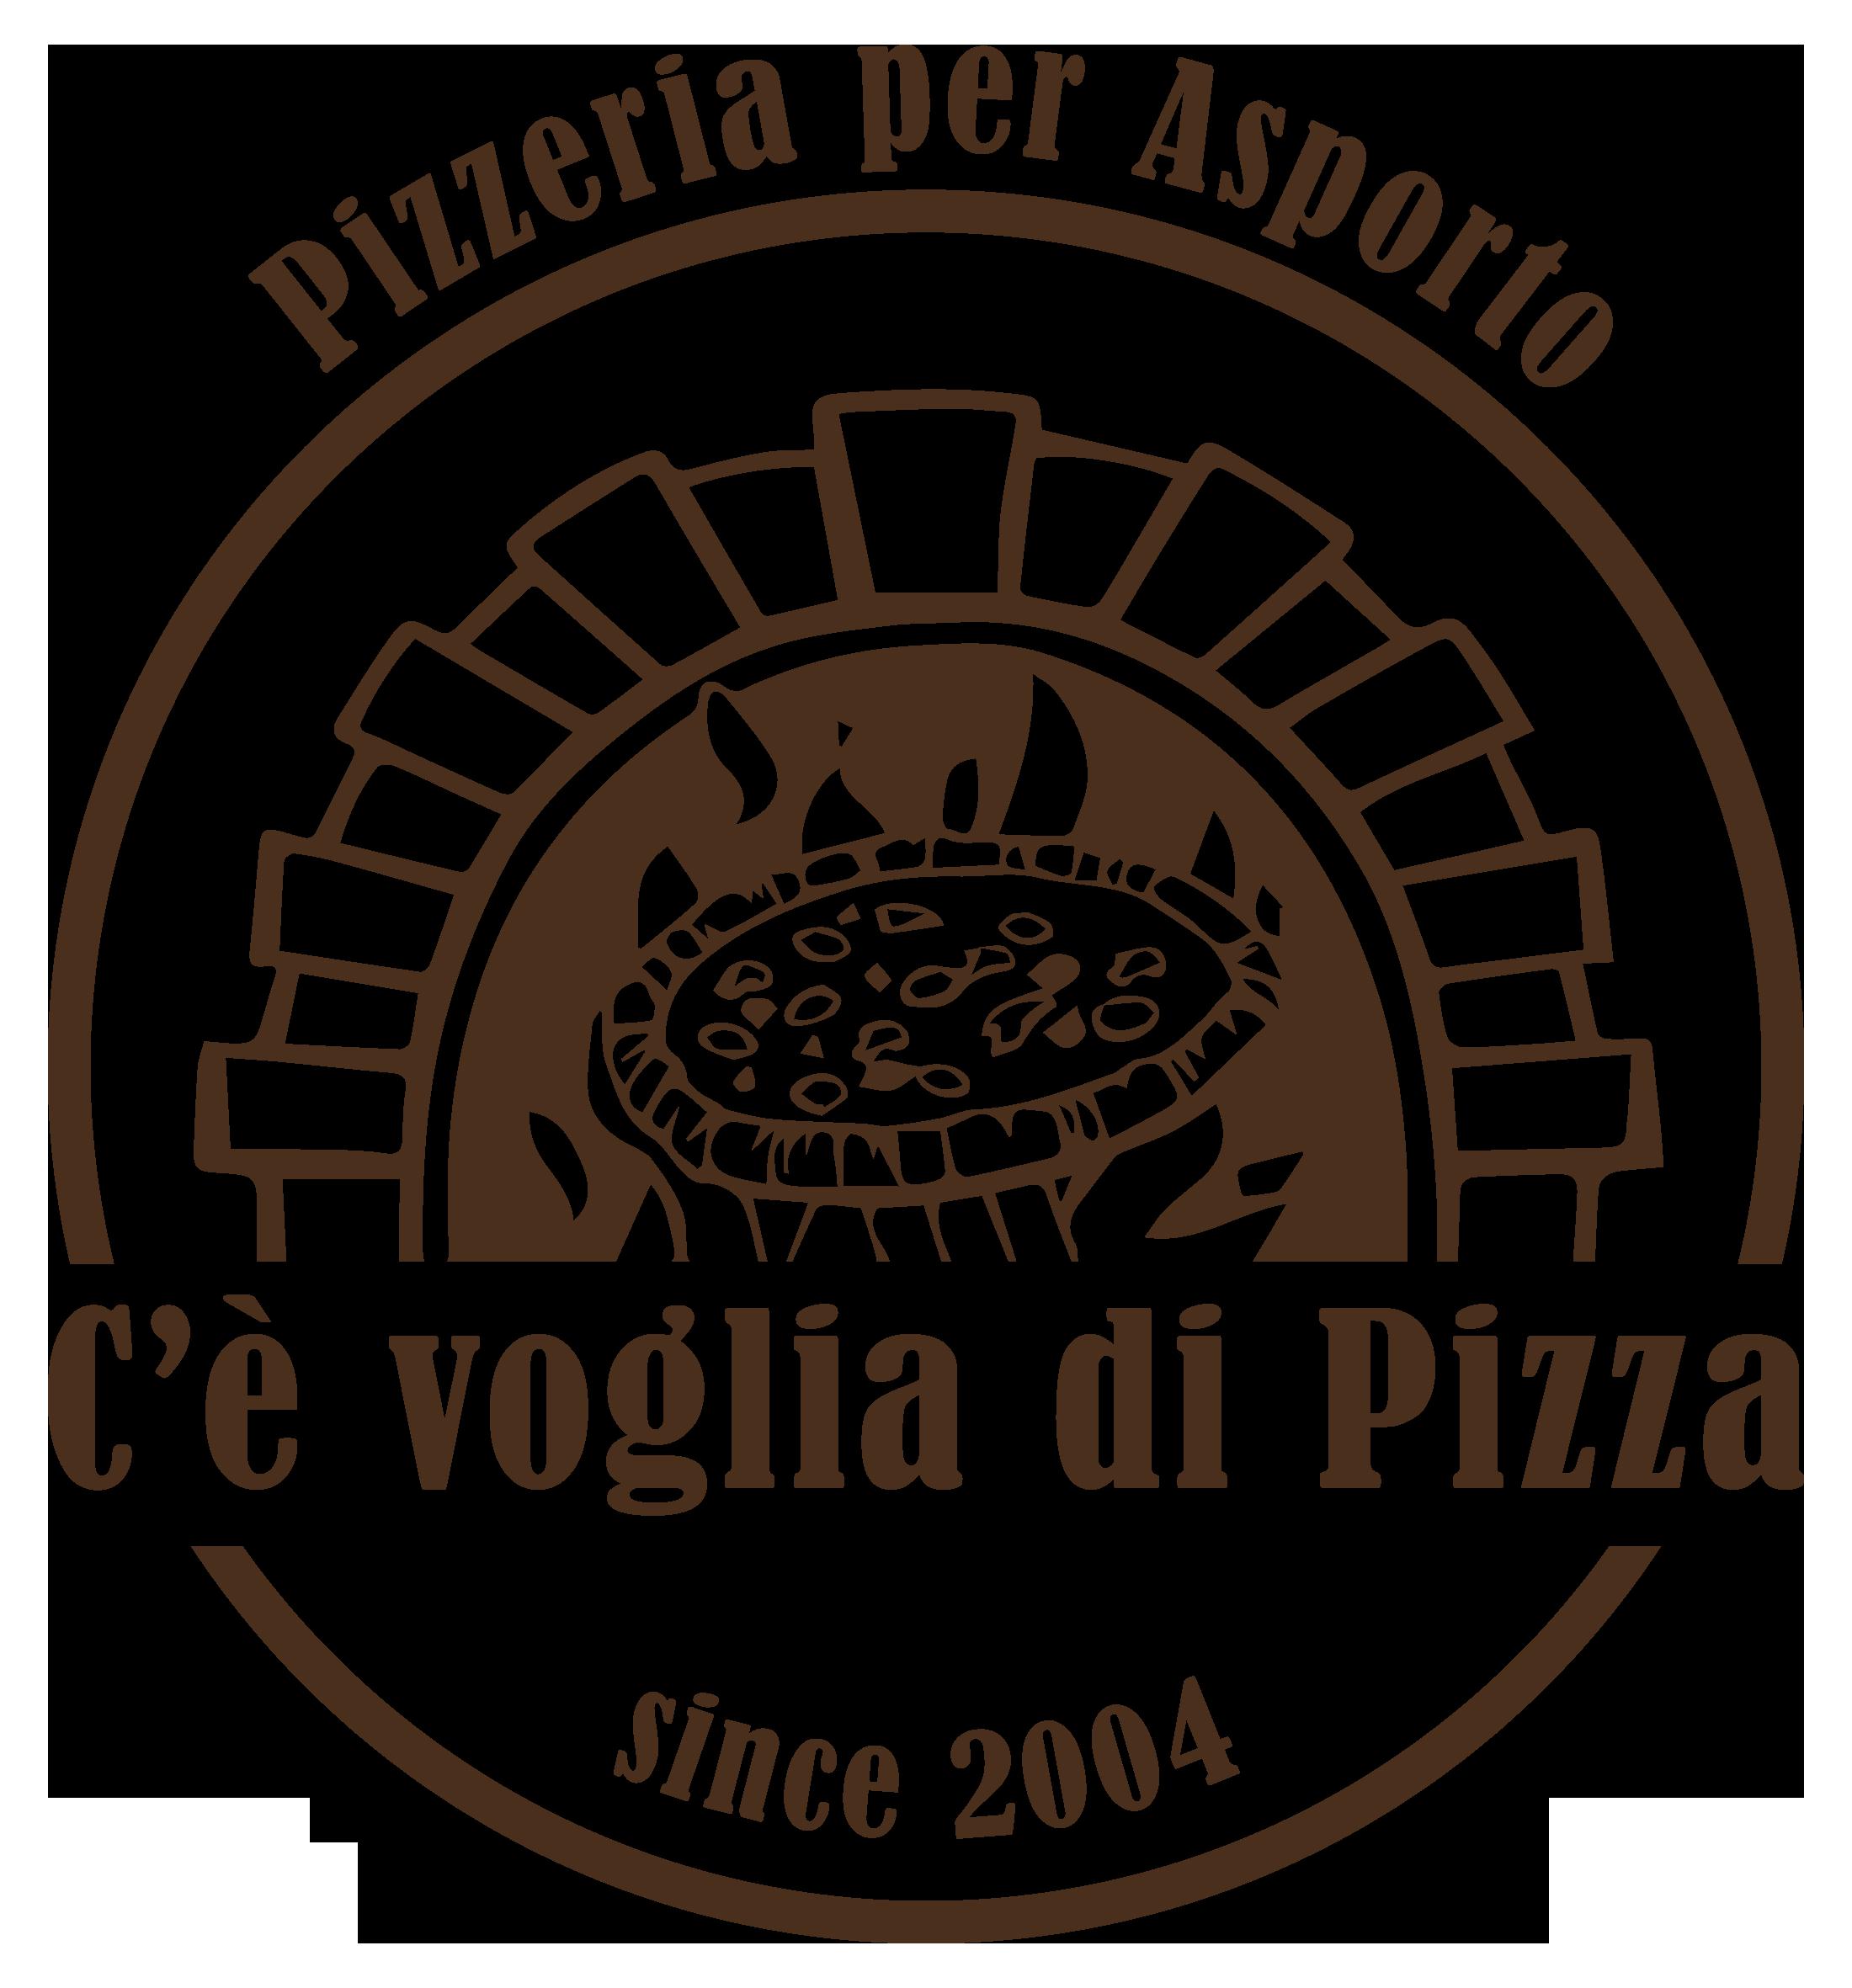 Ce-Voglia-di-Pizza Logo